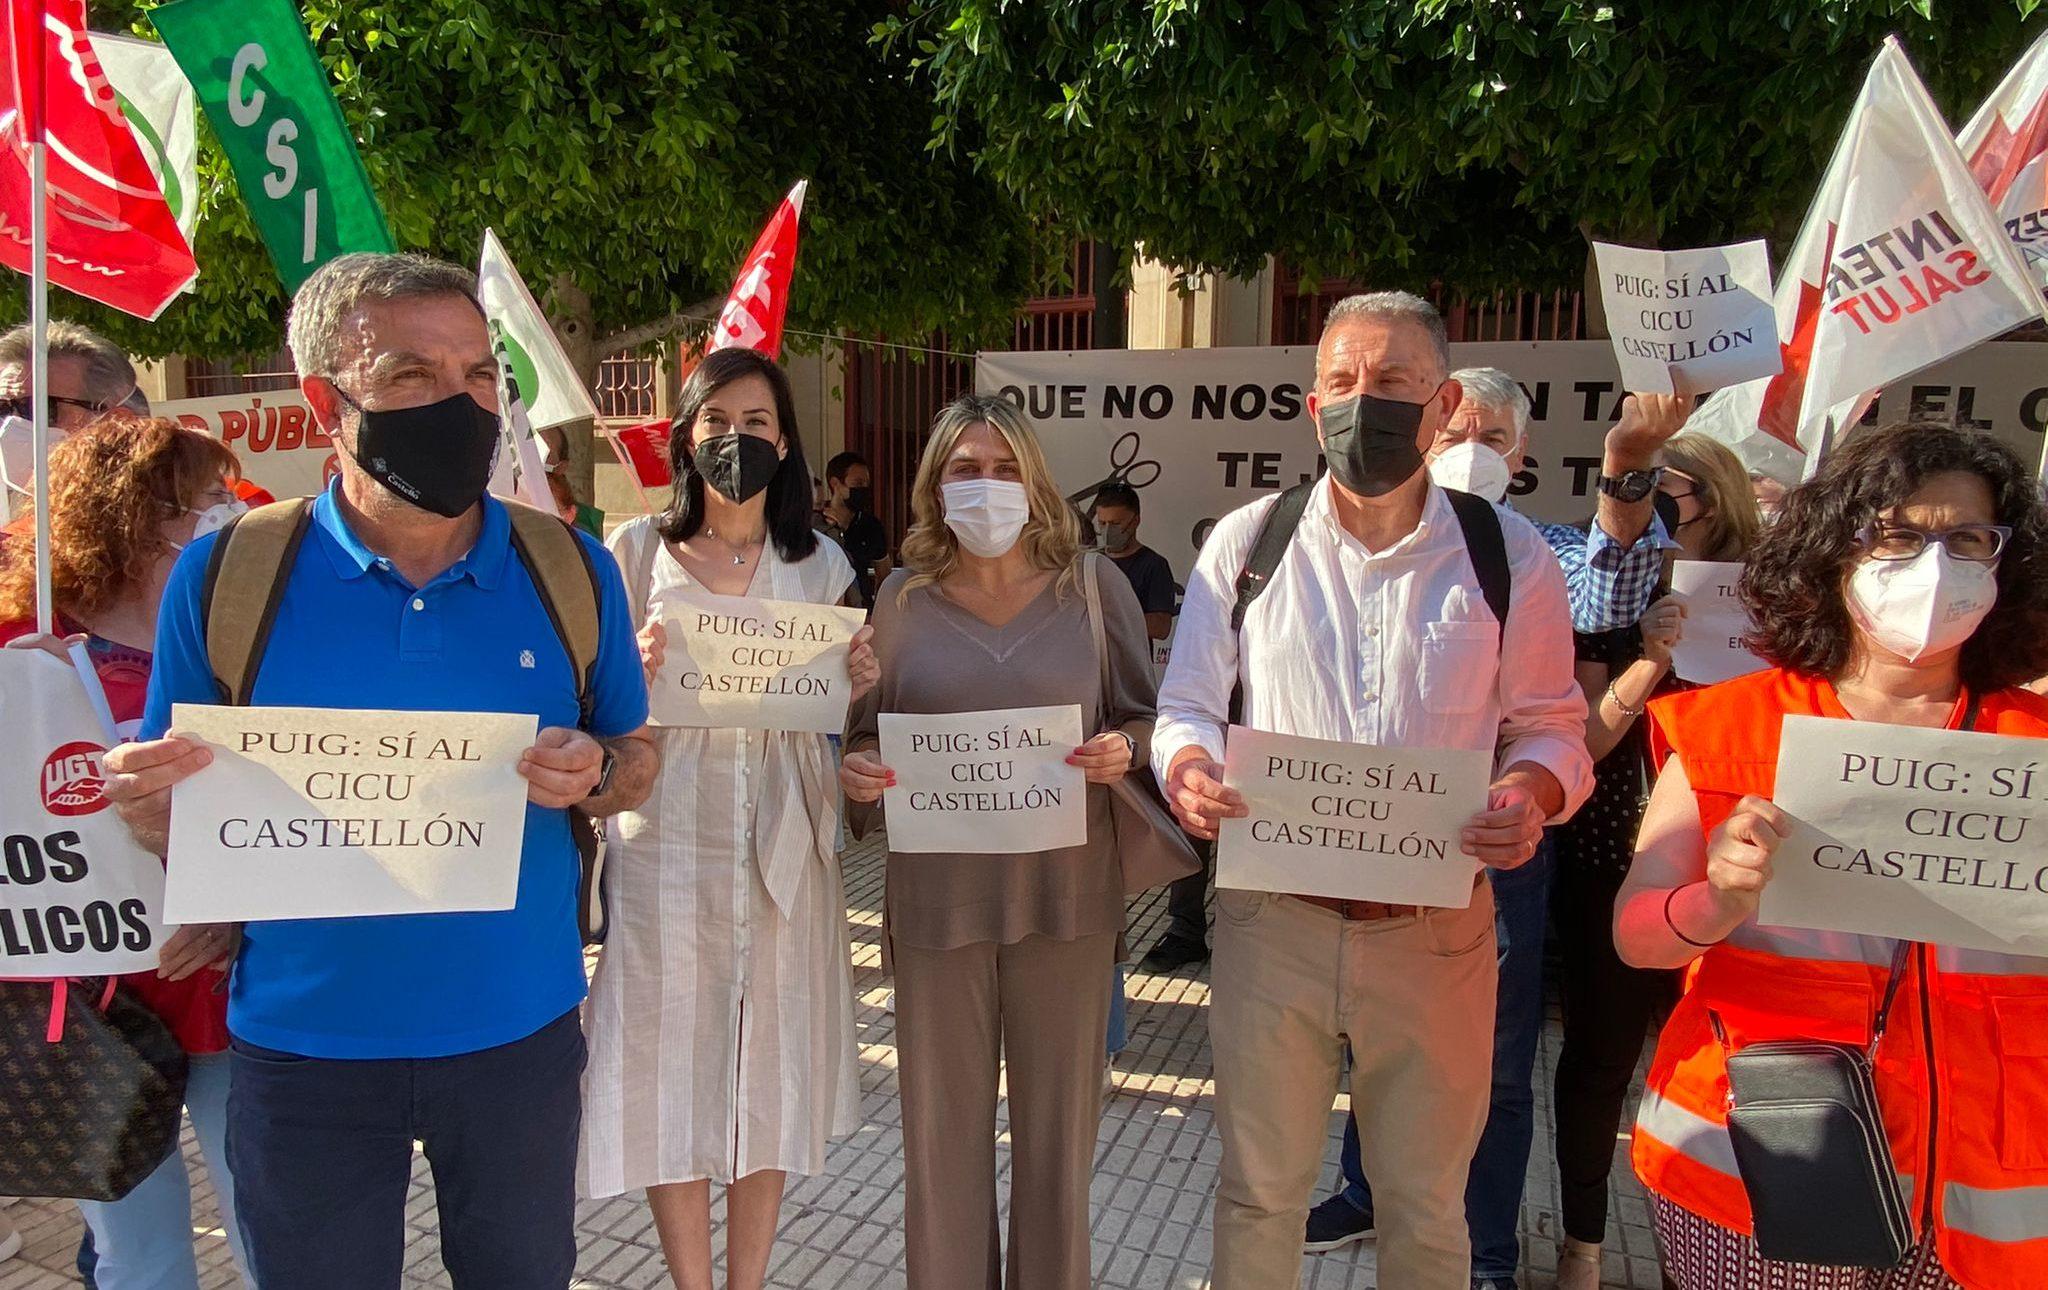 Els populars participen en la protesta en defensa delCICUa Castelló